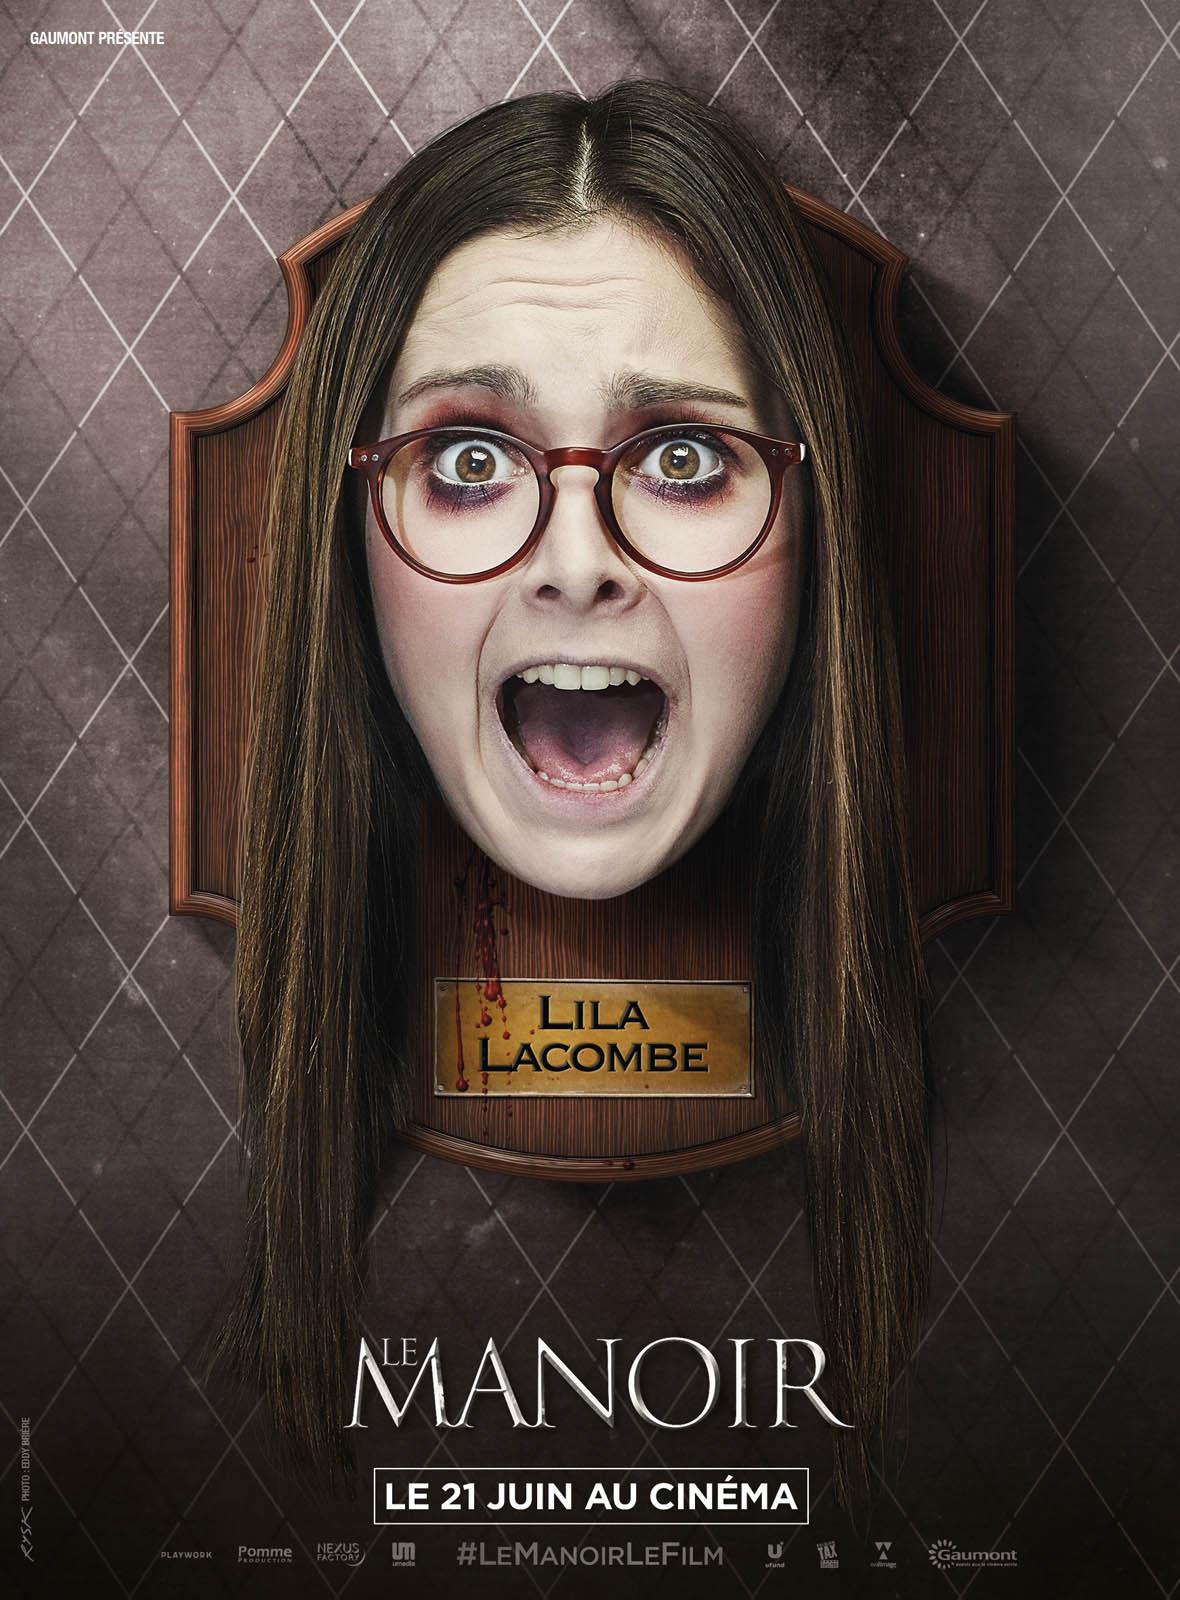 Le Manoir Bande Annonce : manoir, bande, annonce, Affiche, Manoir, Photo, AlloCiné